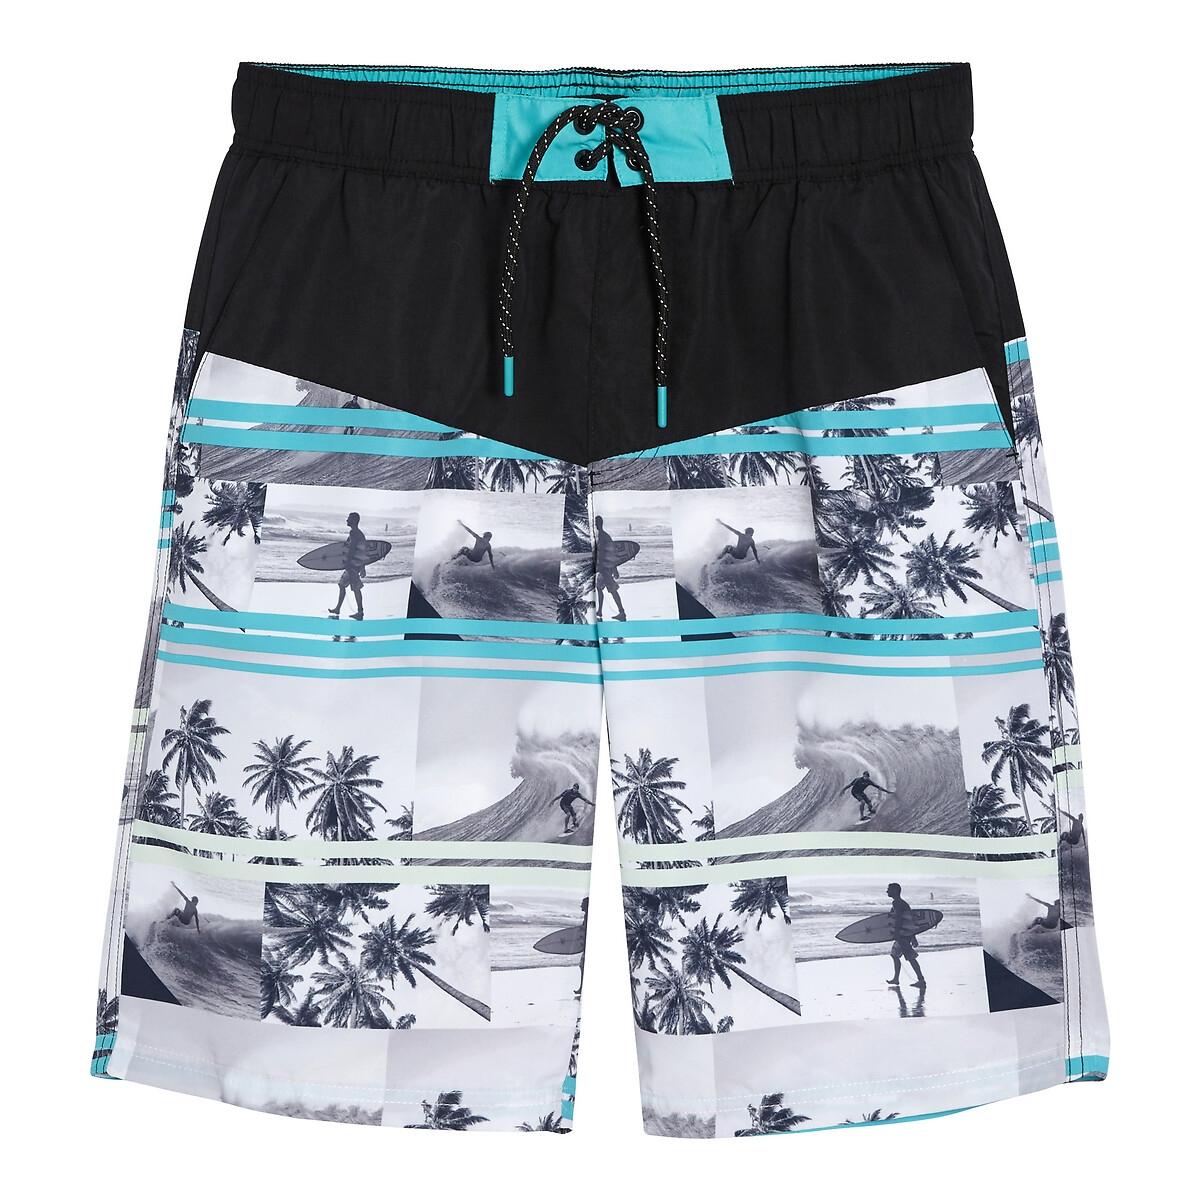 Шорты La Redoute Плавательные с принтом Гавайи 16 лет - 174 см другие шорты la redoute плавательные с принтом крабы 8 лет 126 см синий